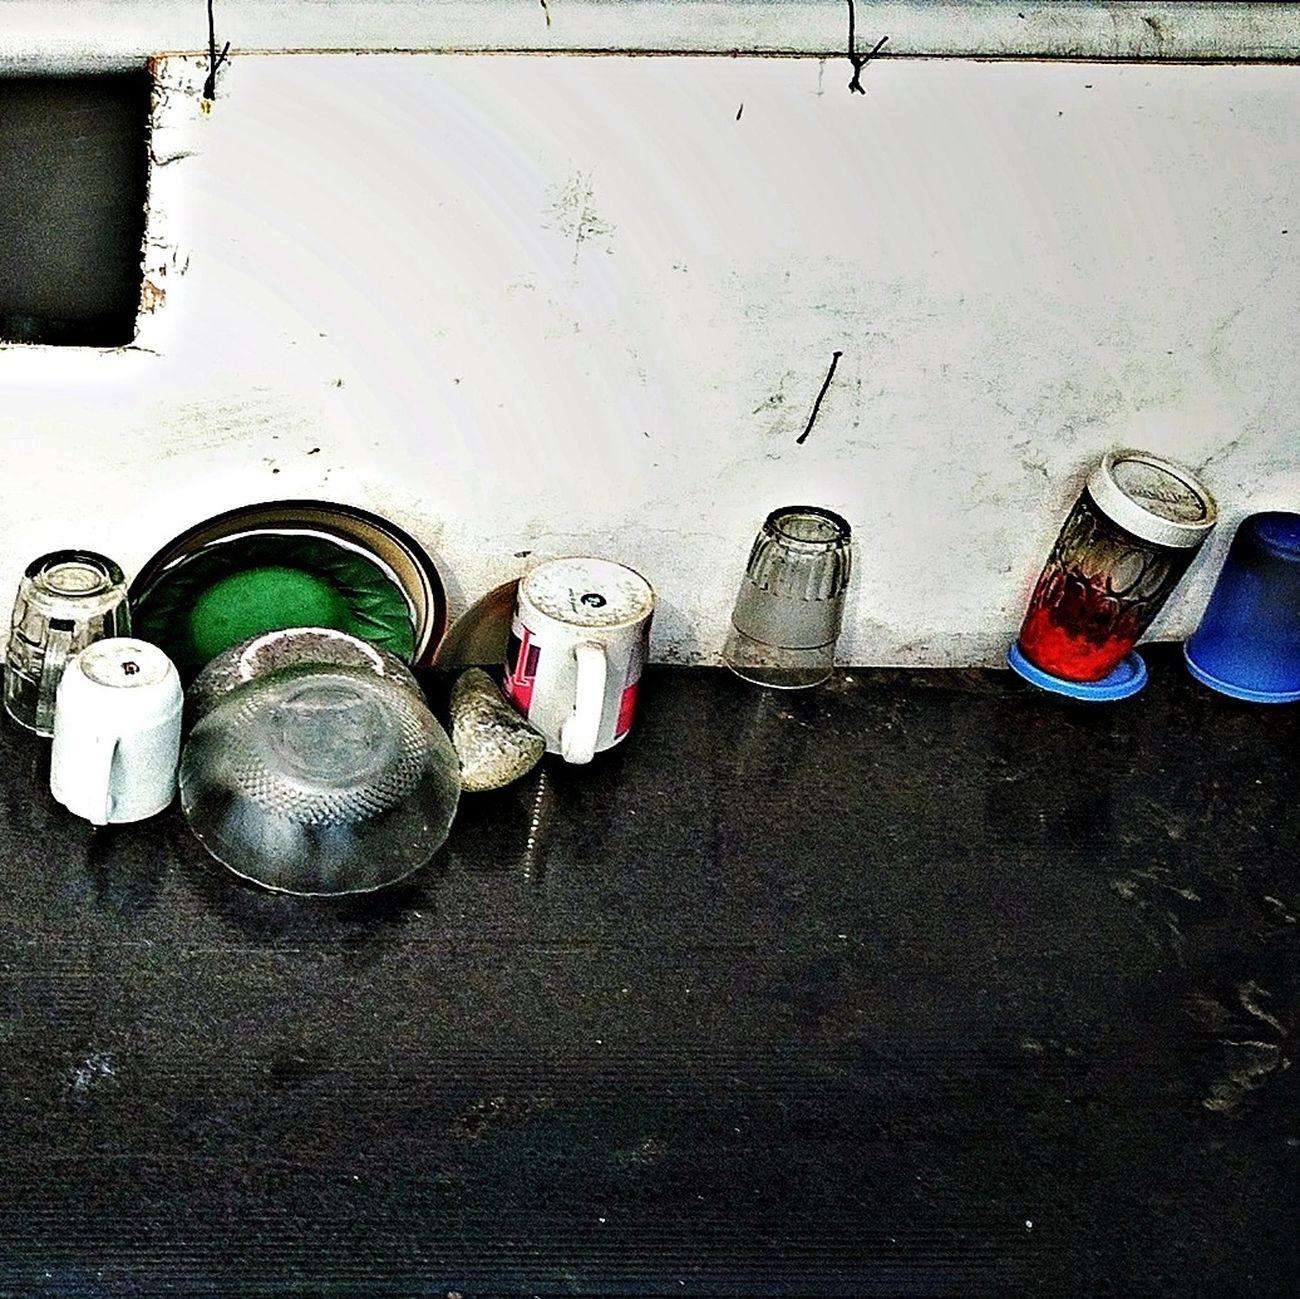 Salah satu bagian dapur milik penghuni nomaden jembatan, dengan ukuran meja cukup keci dan dilengkapi kitchen set sederhana Streetphotography Indonesian Street (Mobile) Photographie